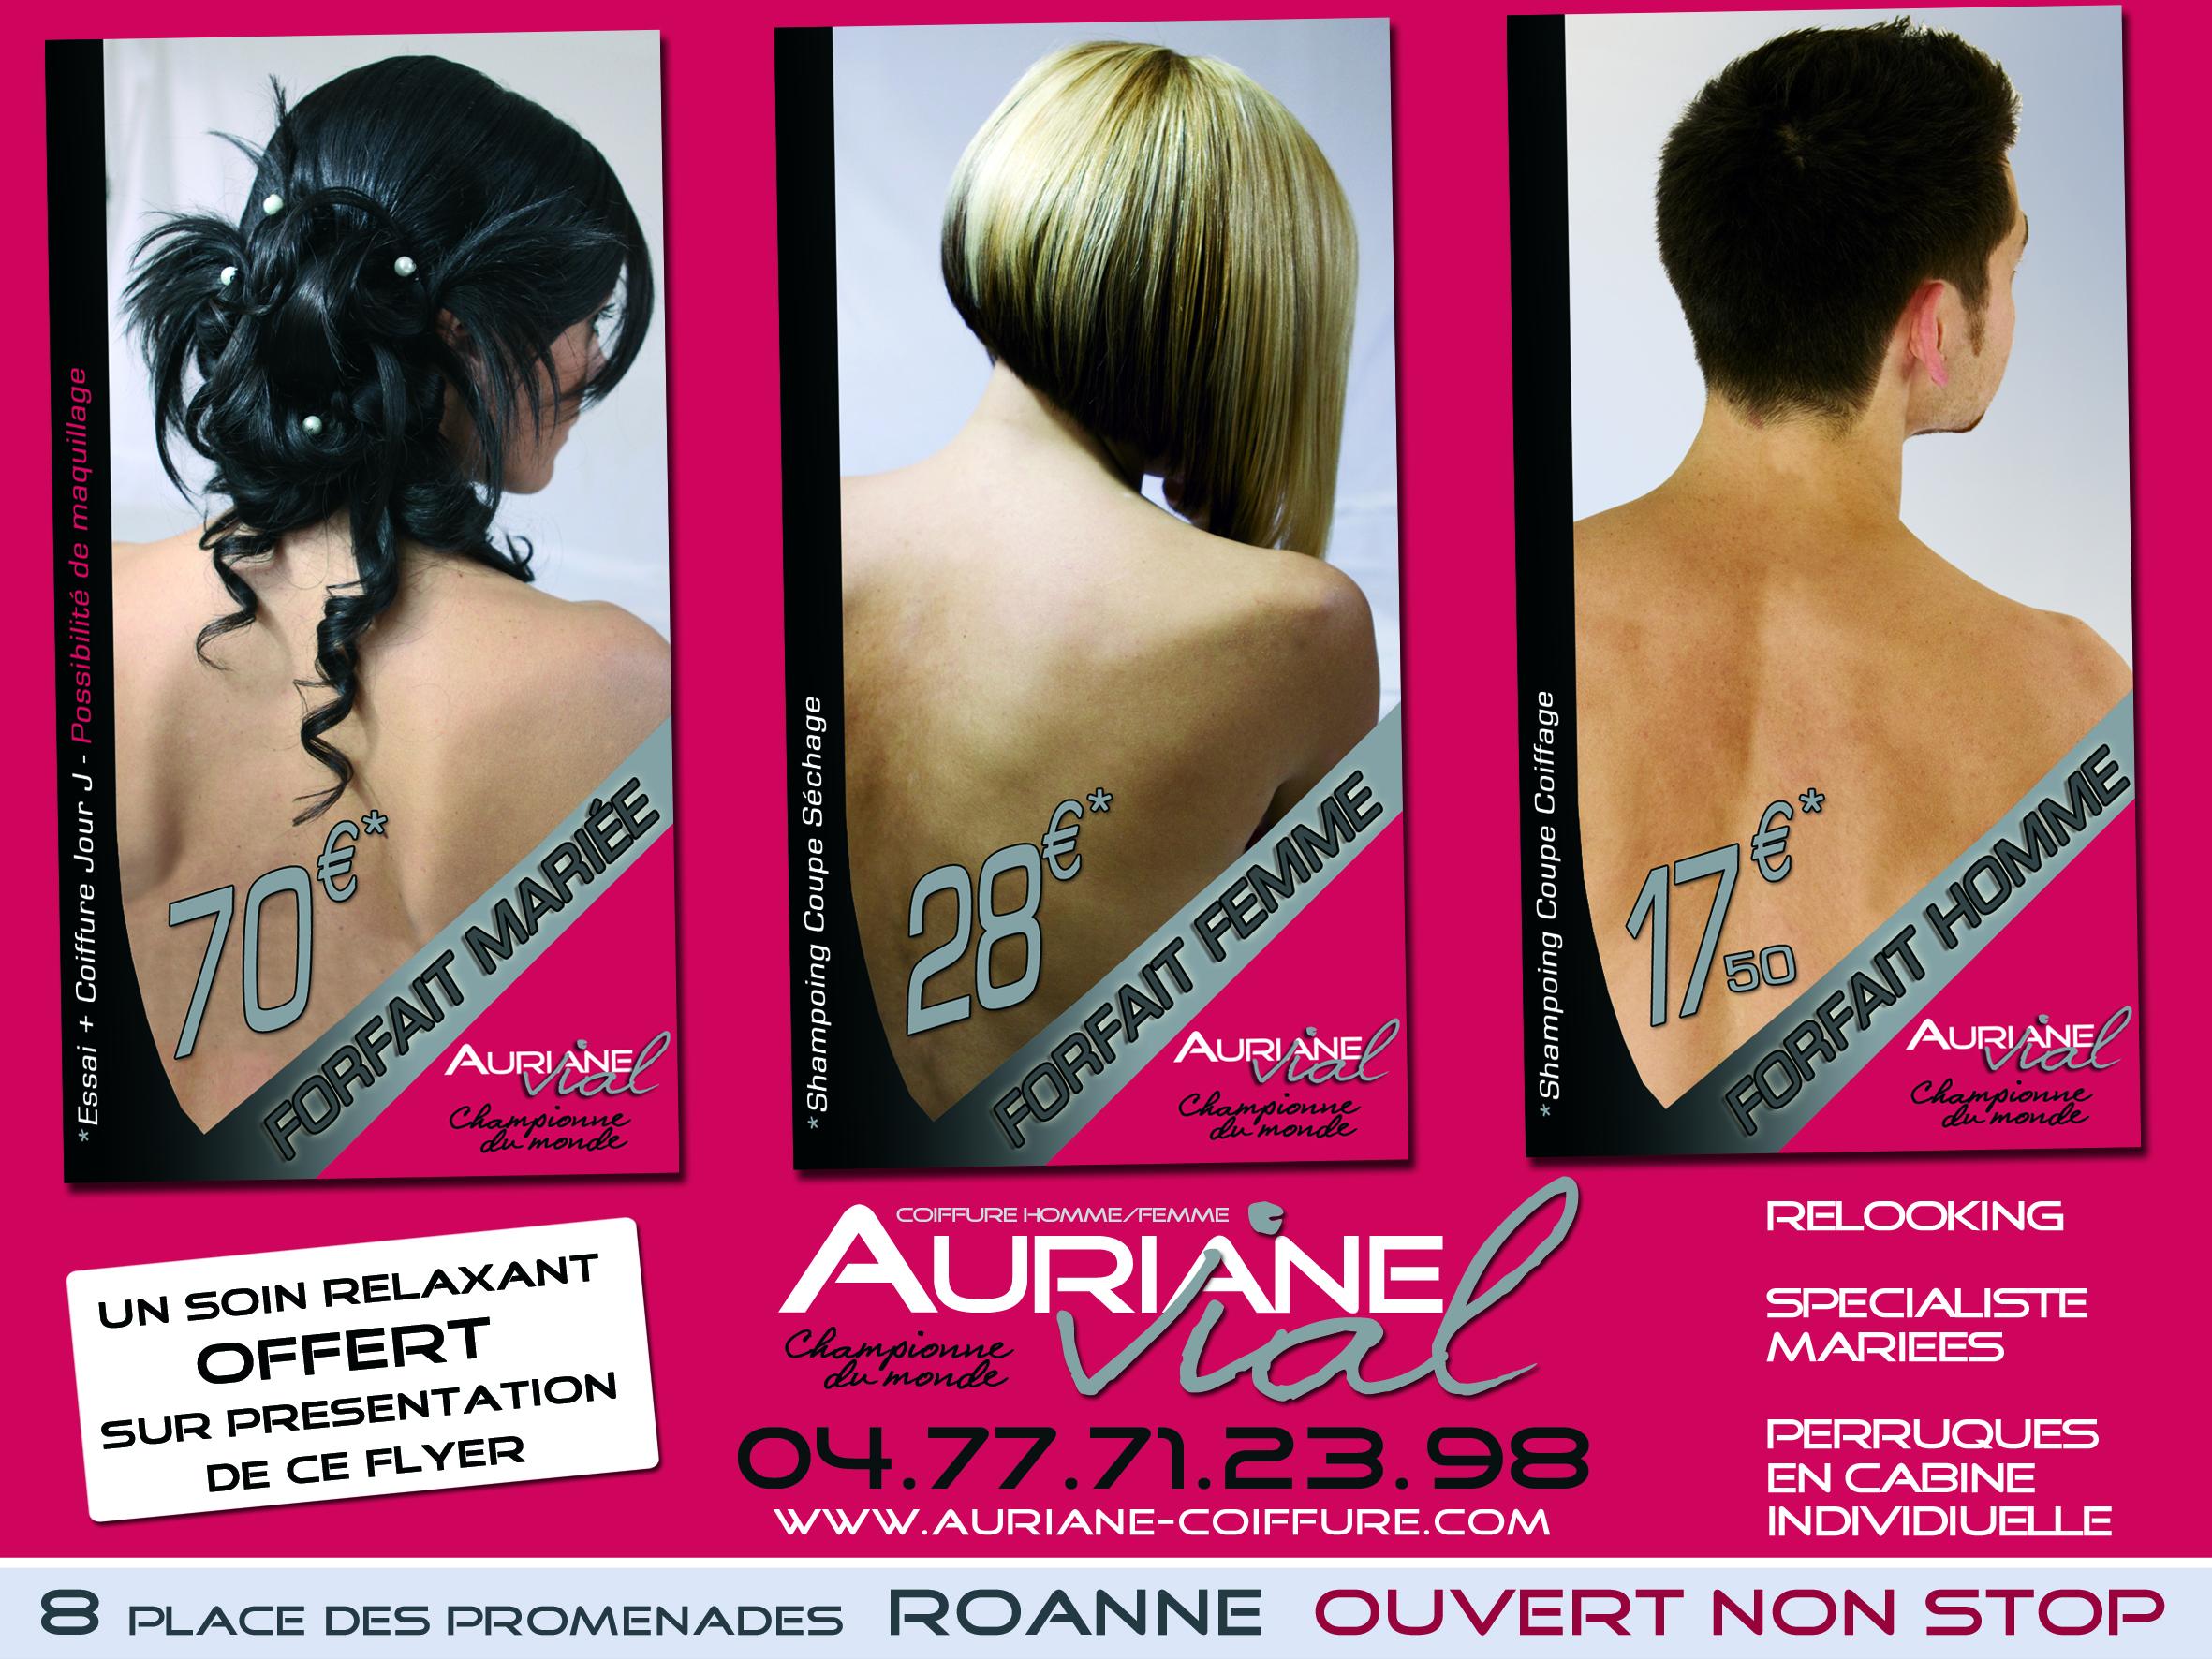 Vial Auriane à Roanne